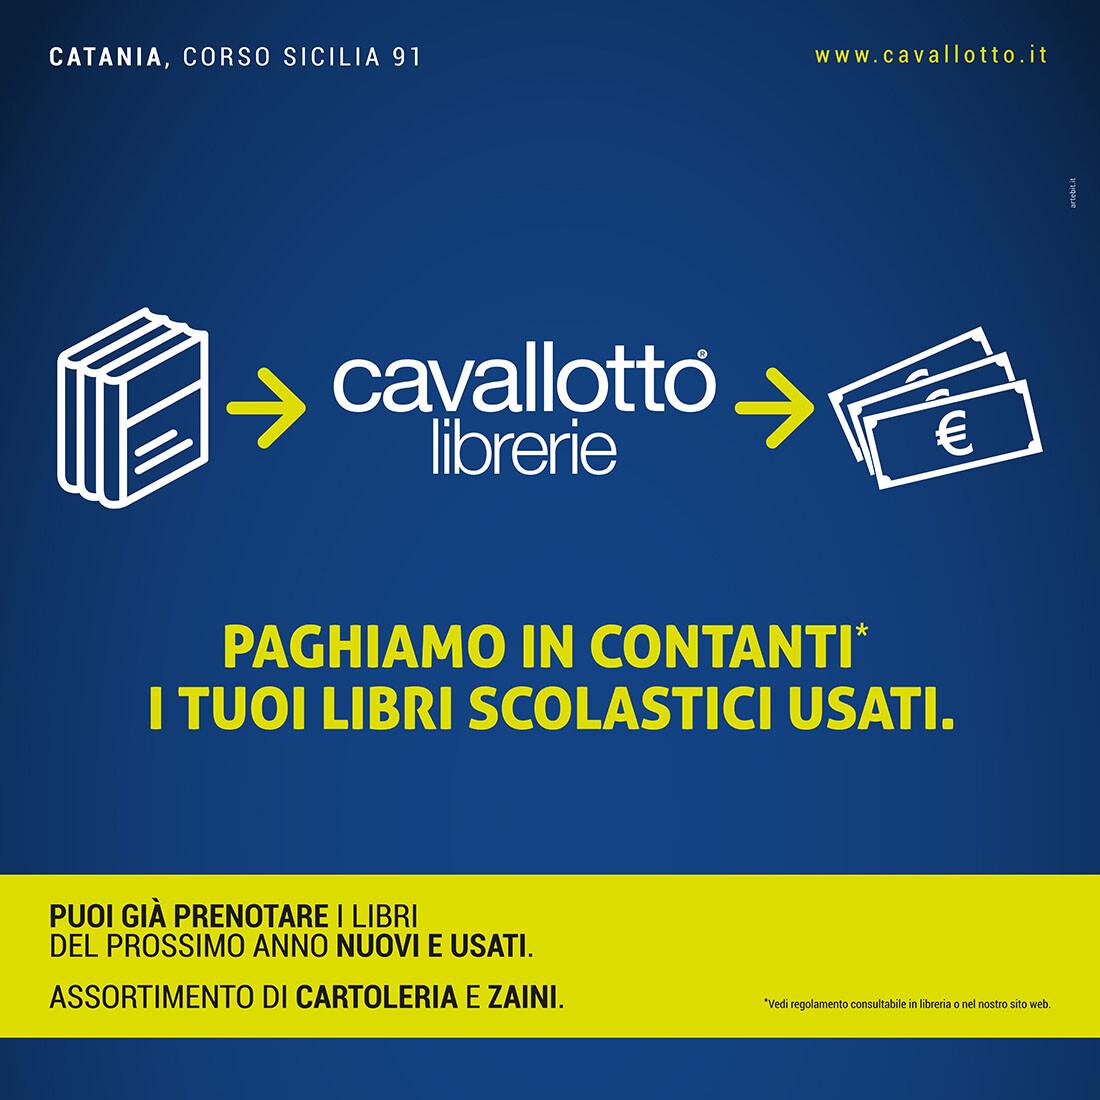 Cavallotto - Campagna Libri usati 2018 - Artebit